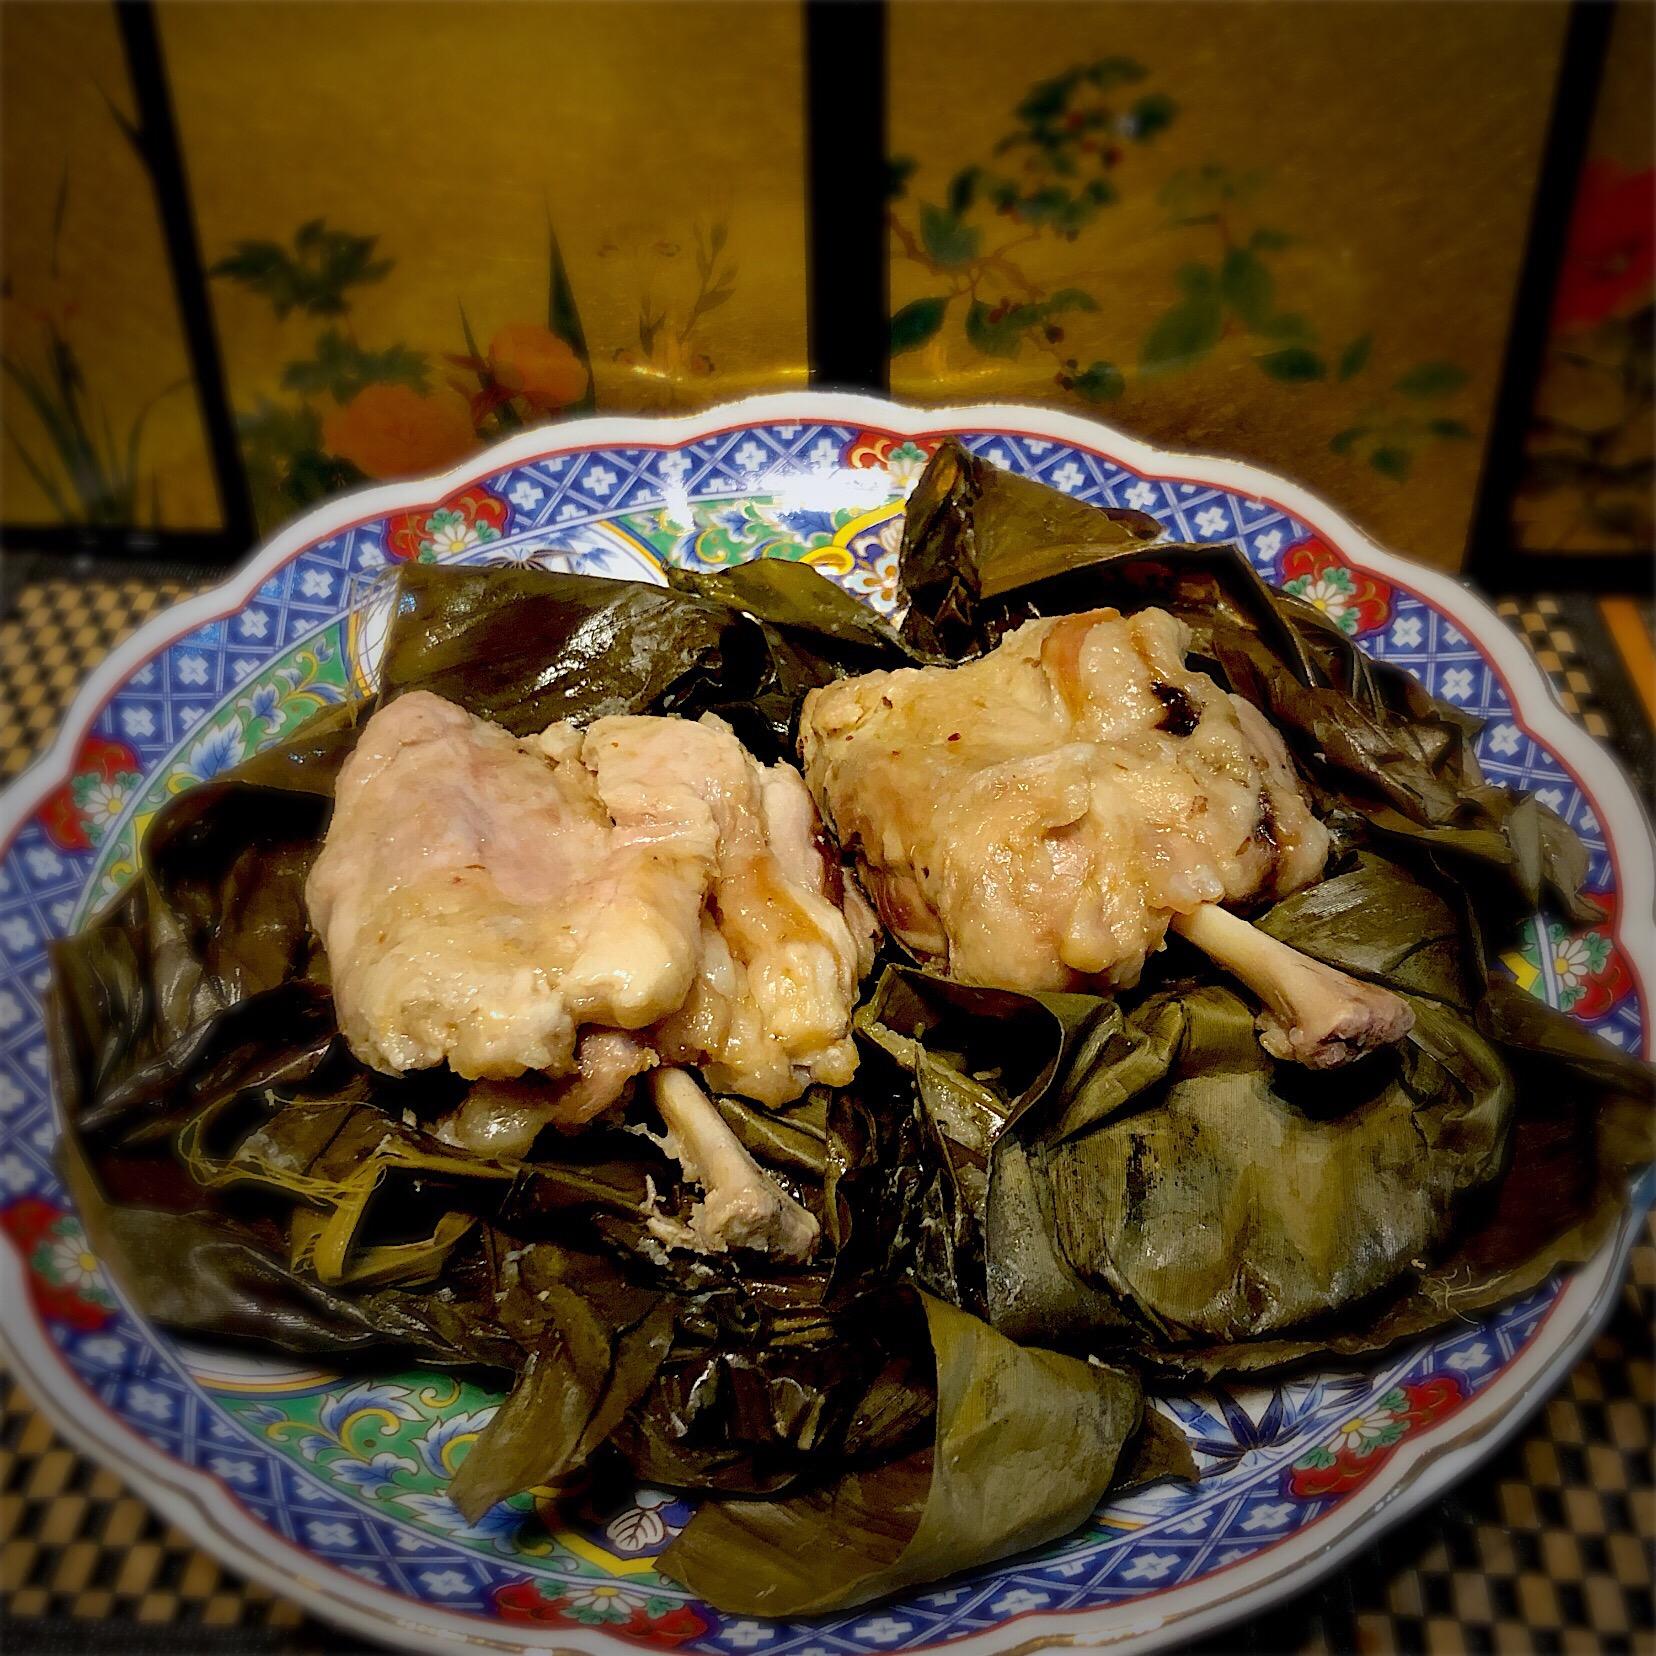 佐野未起の料理 肉の下処理してレモン塩を揉み込んでバナナの葉で包んで熟成させたギャートルズ肉